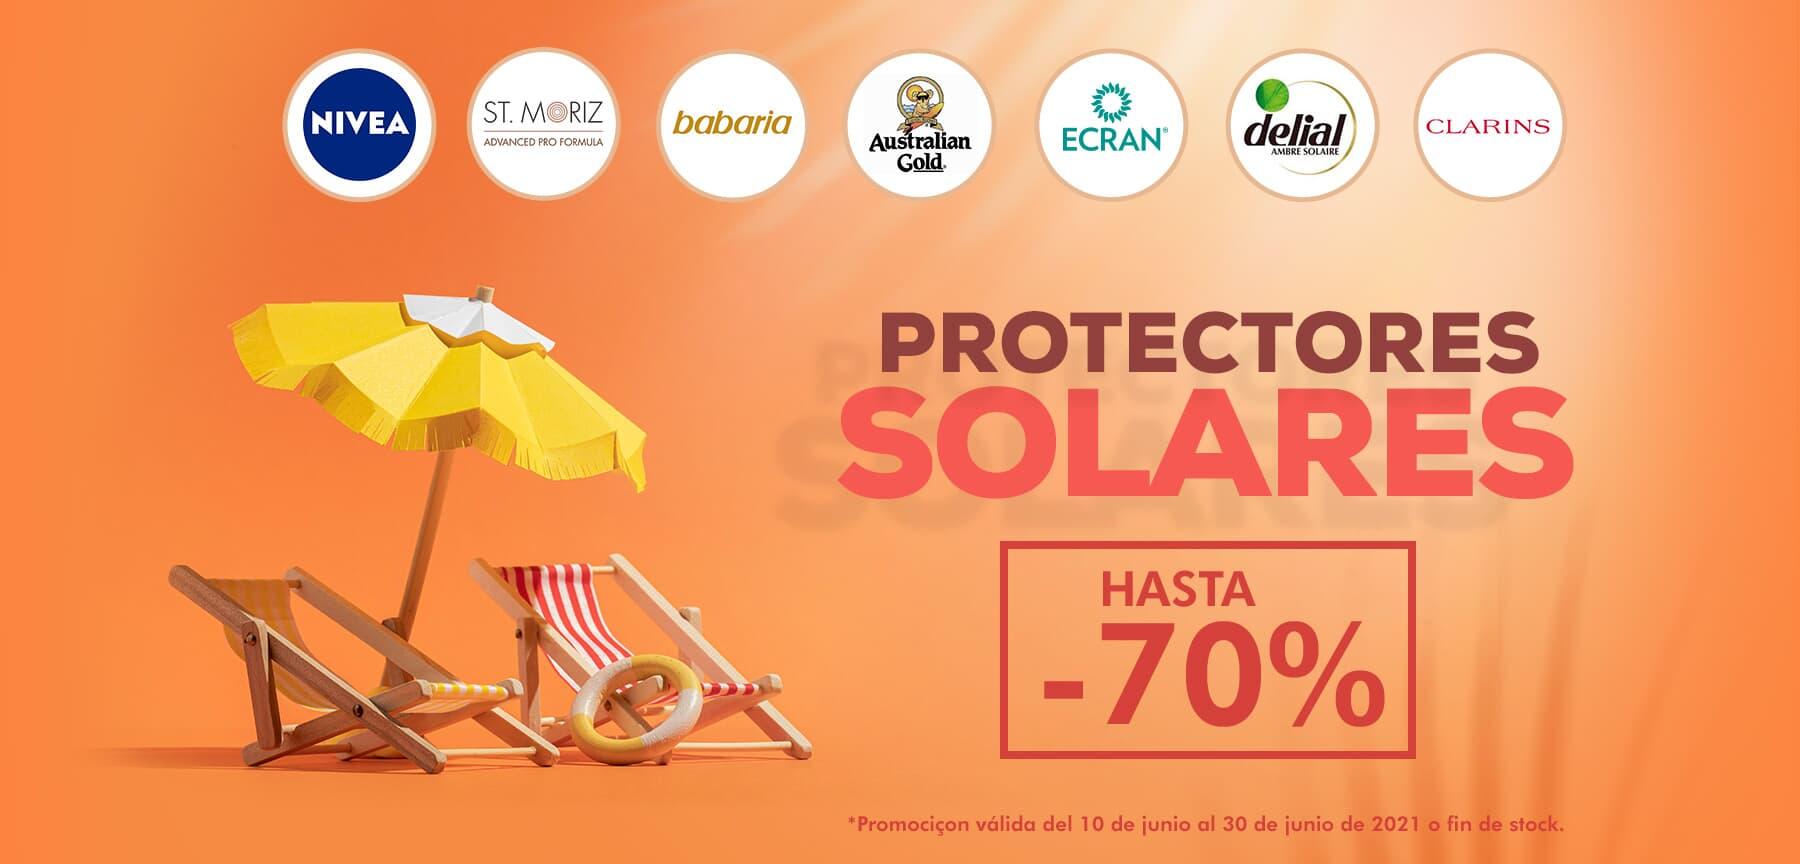 Hasta 70% dto en protectores solares